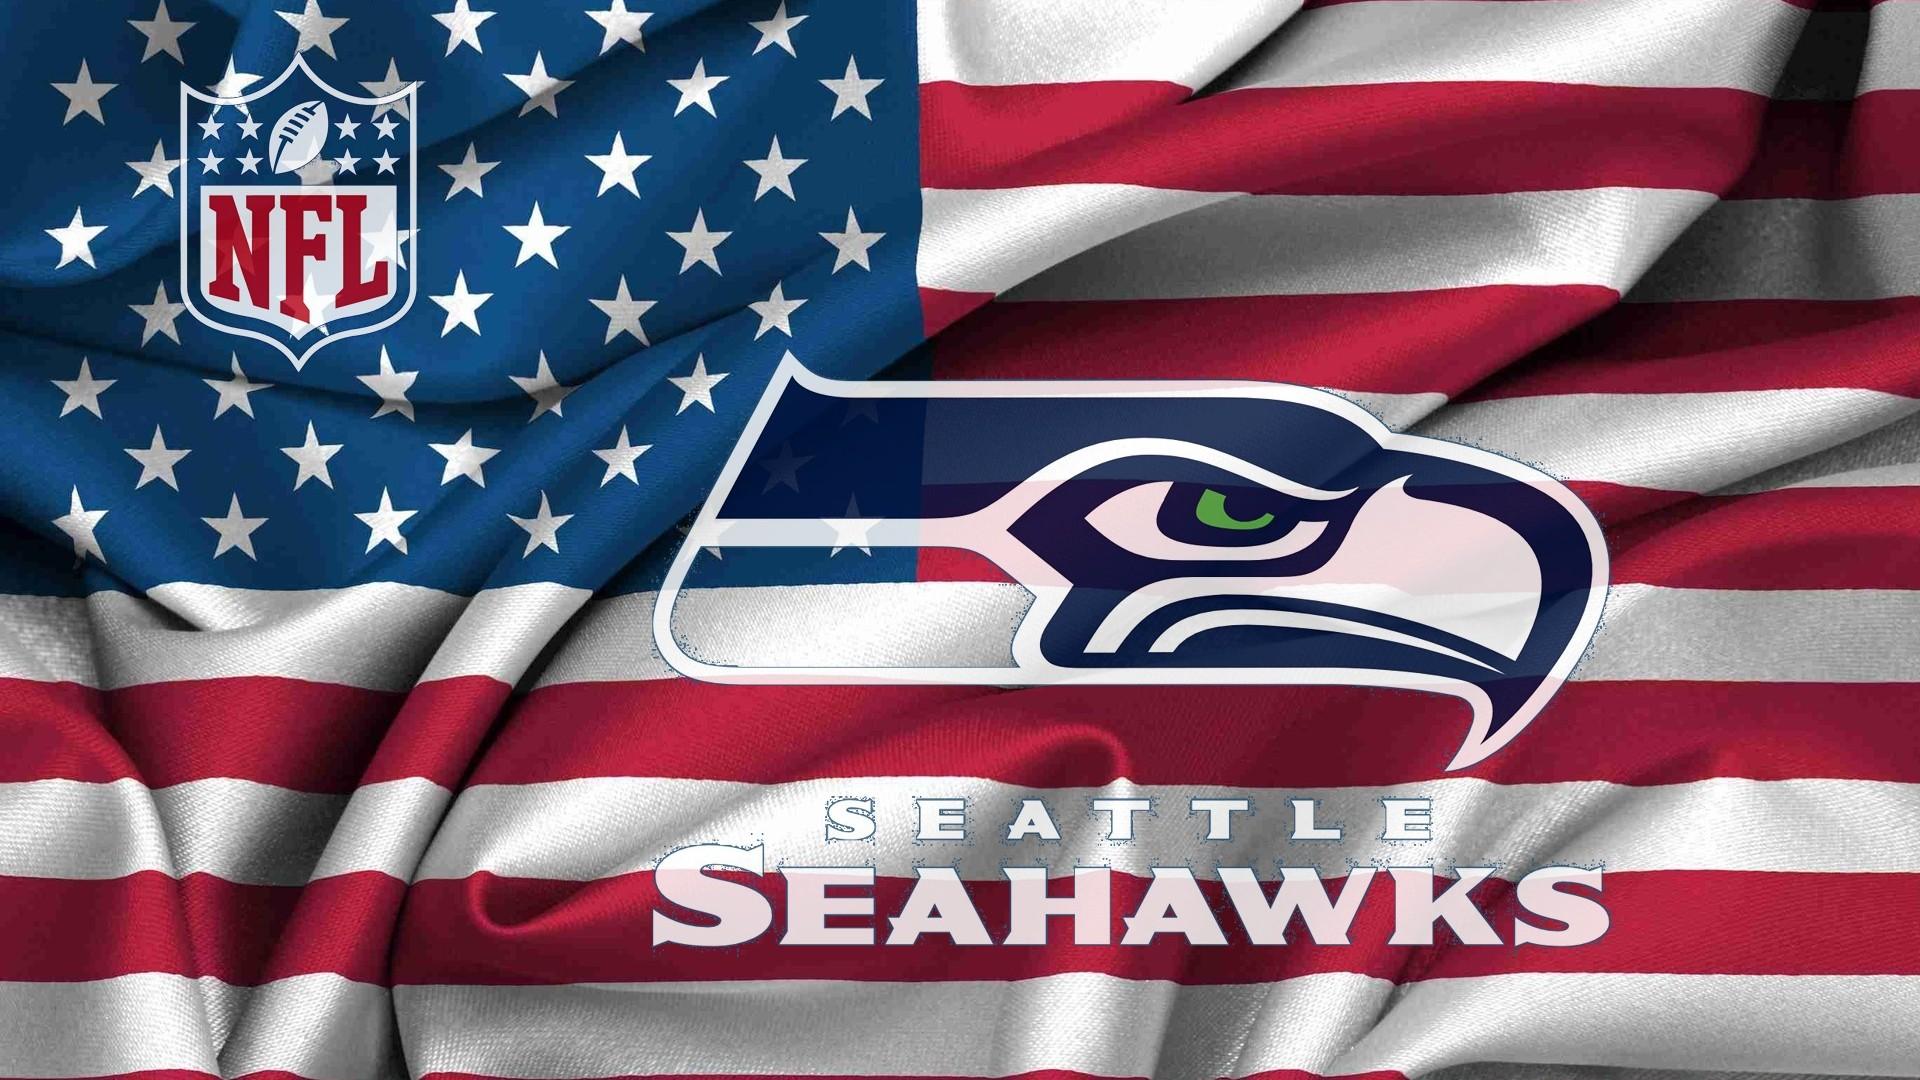 Seattle Seahawks For Desktop Wallpaper 2020 NFL Football Wallpapers 1920x1080